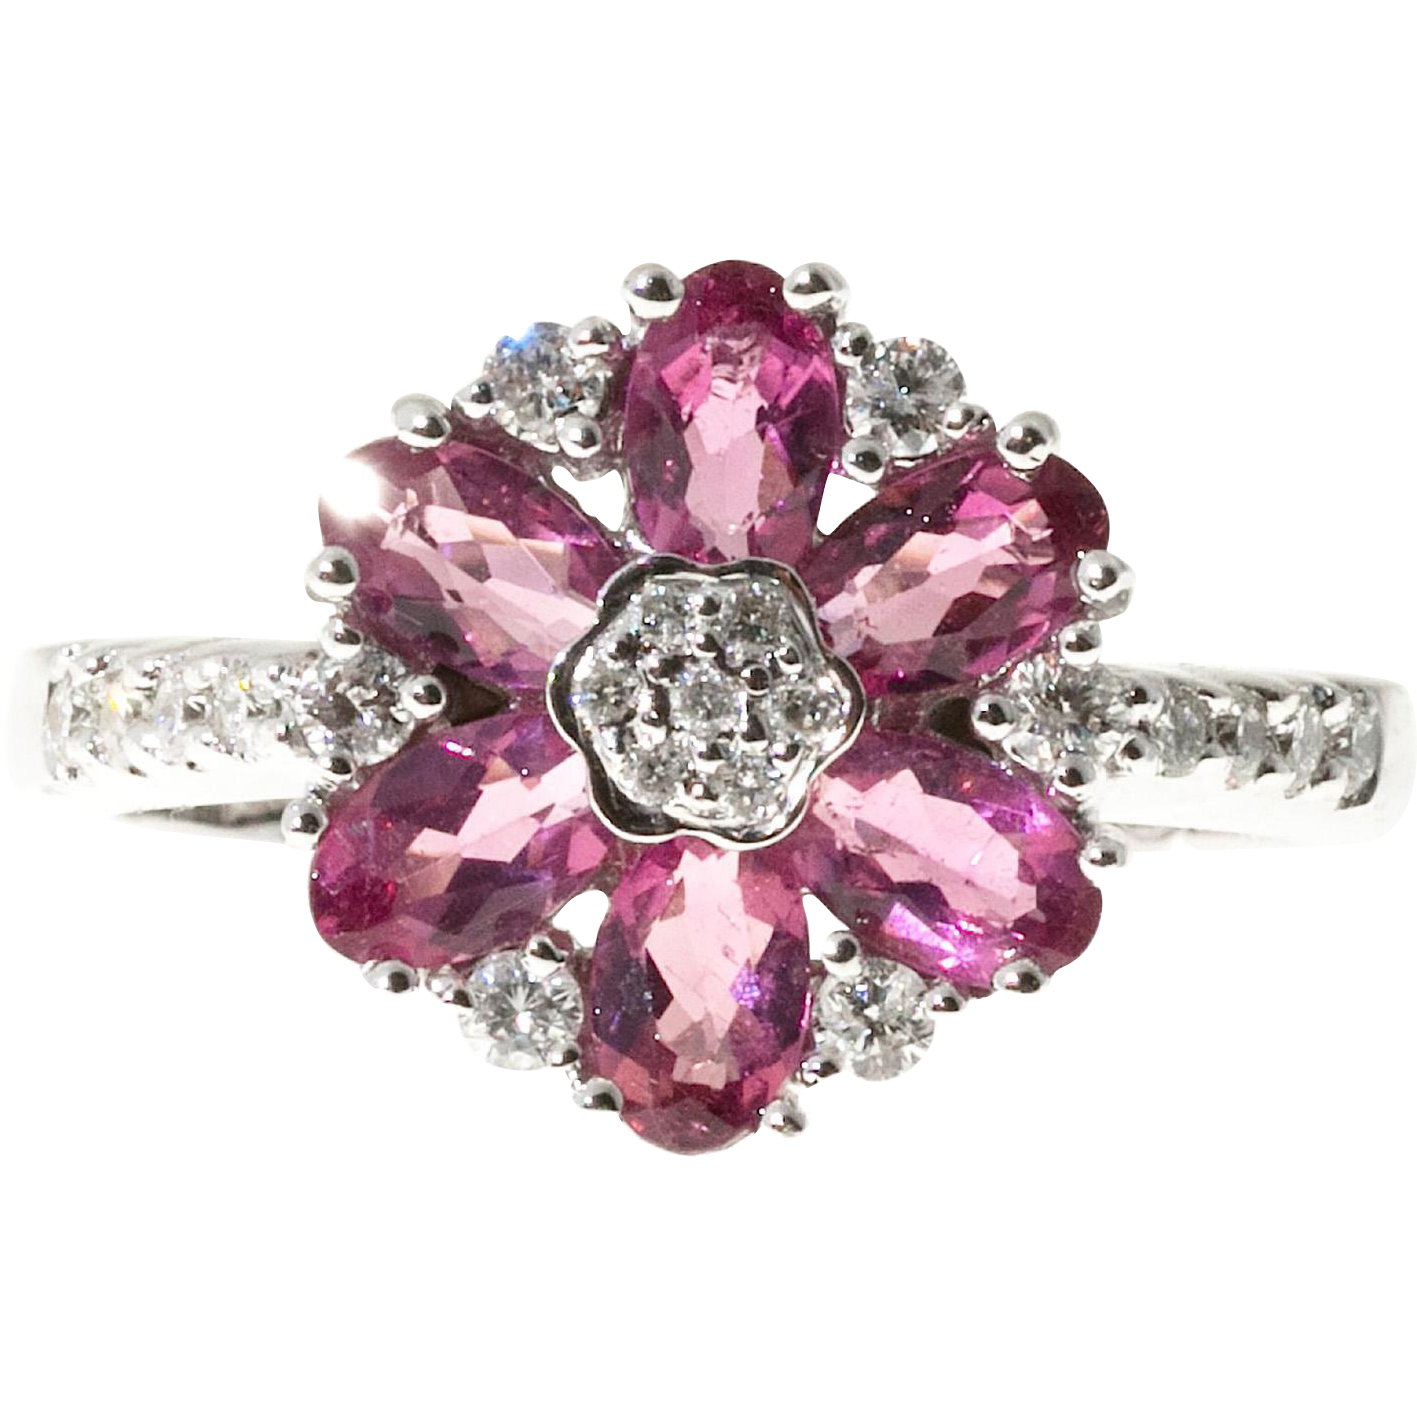 Pink Tourmaline Diamond 18 Karat White Gold Flower Cocktail Ring